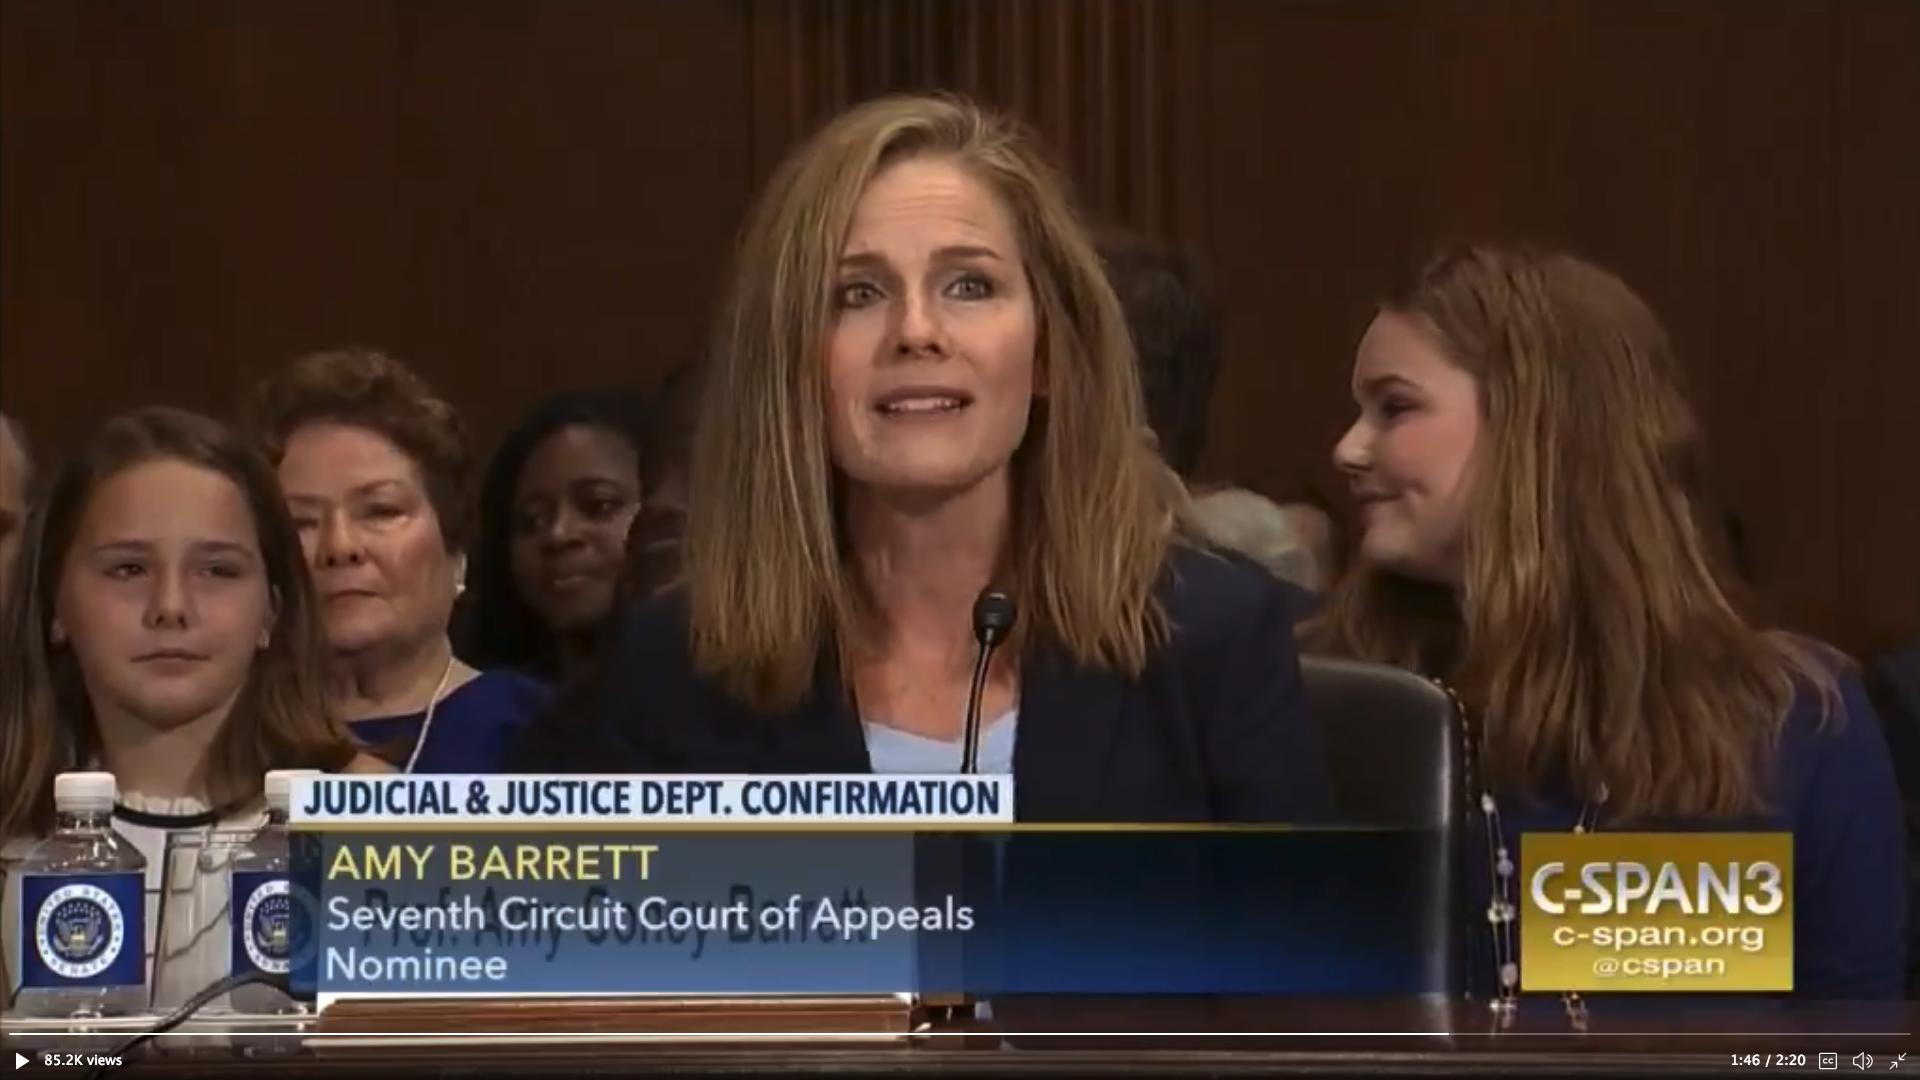 消息:特朗普選定巴雷特擔任高院的大法官